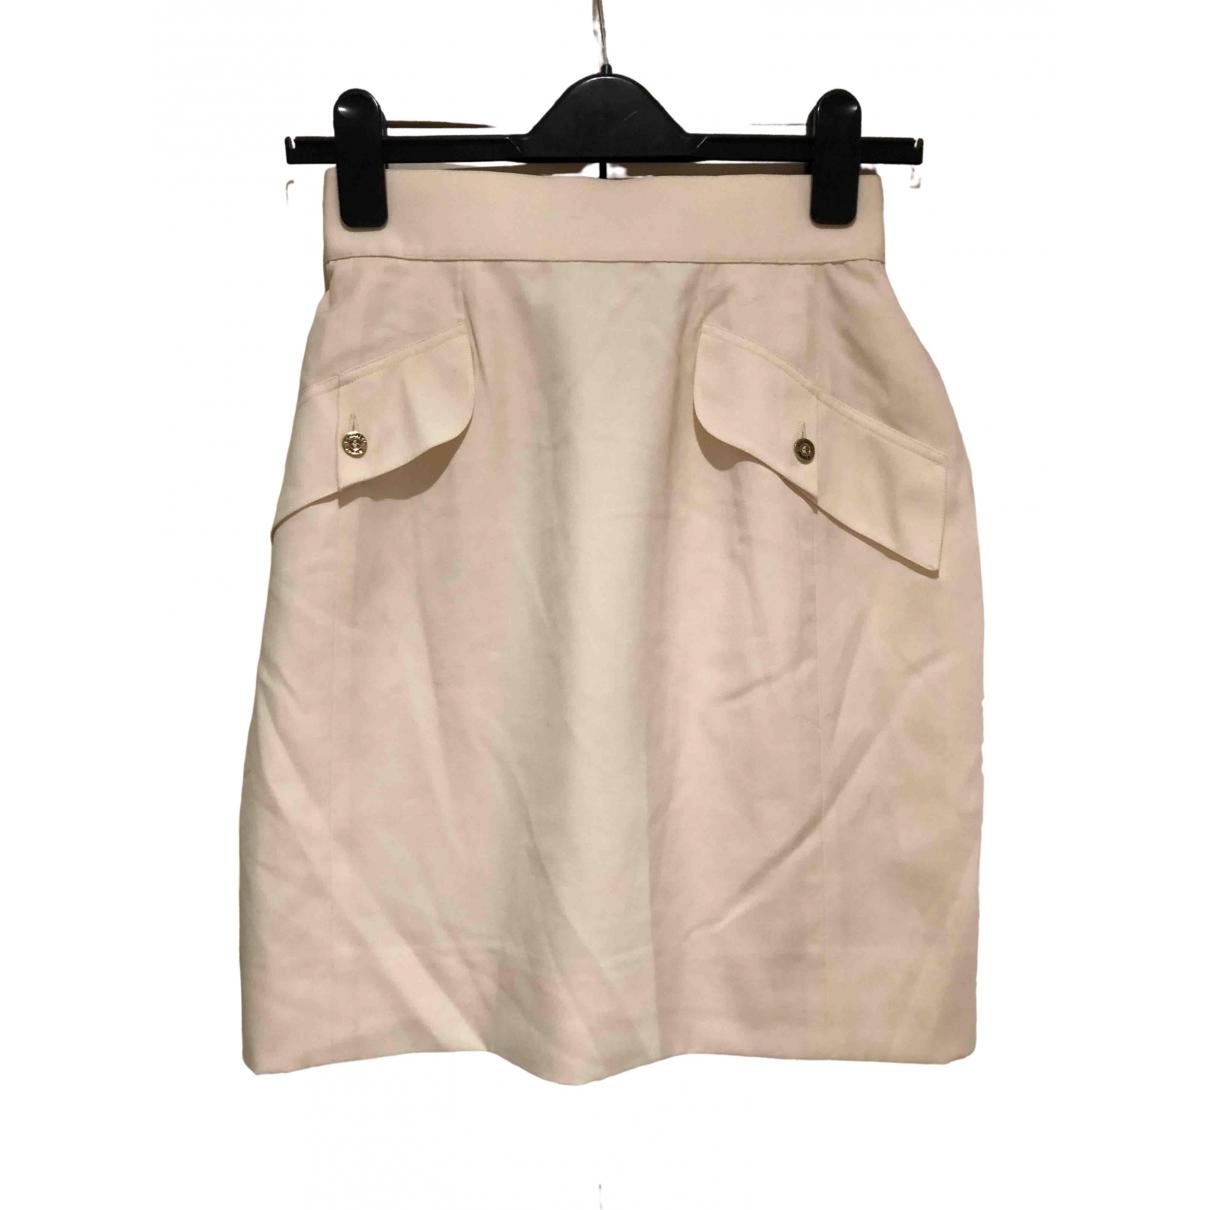 Mini falda de Lana Chanel